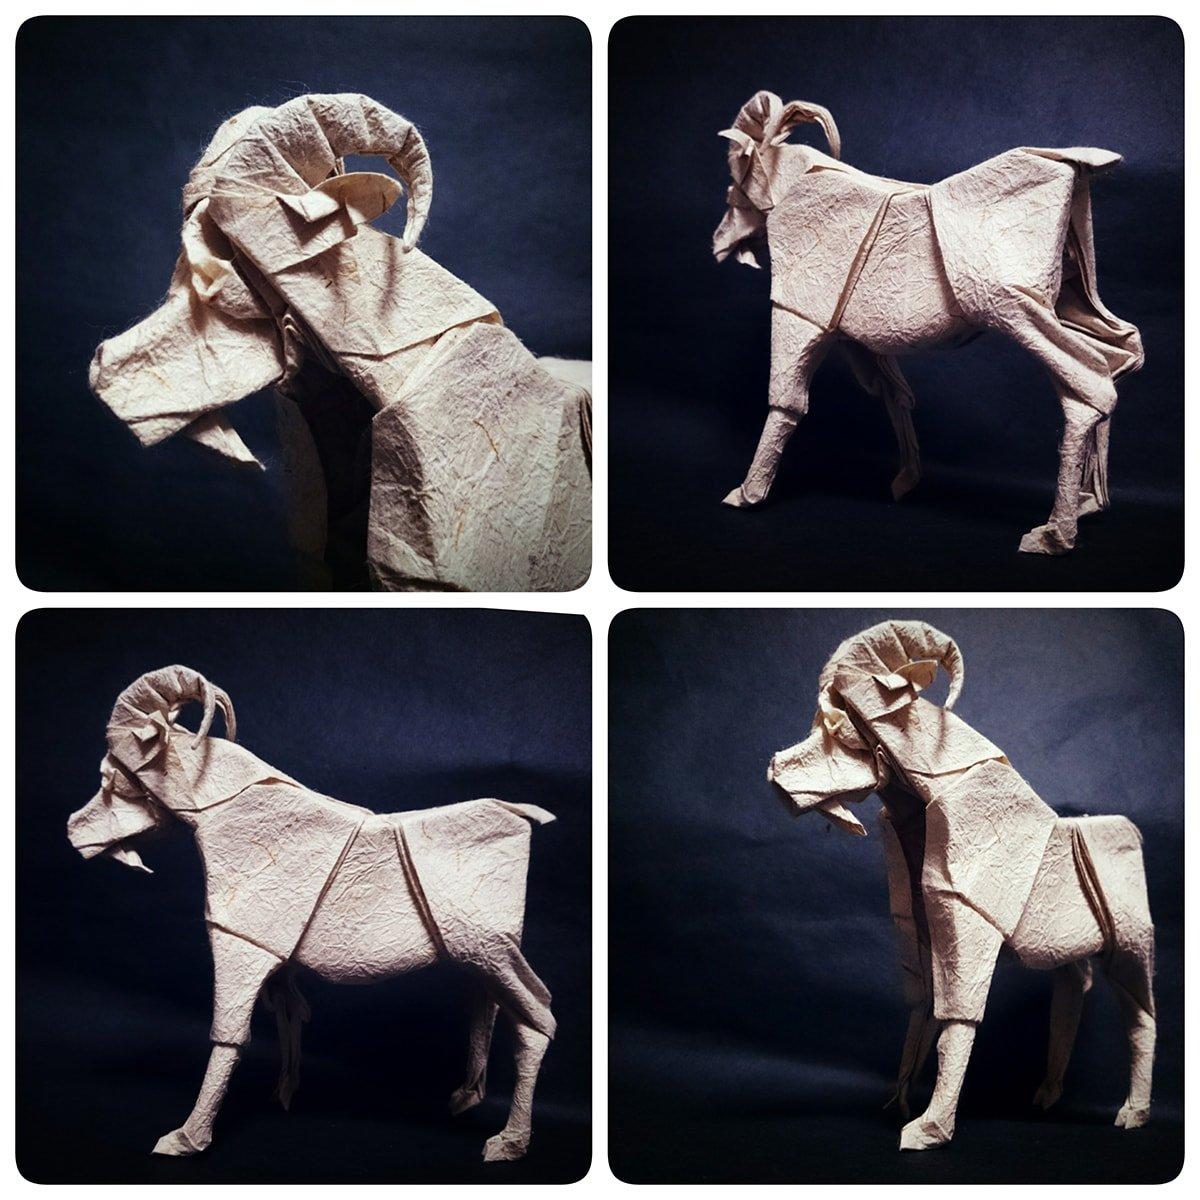 Goat by Taiga Yamamoto